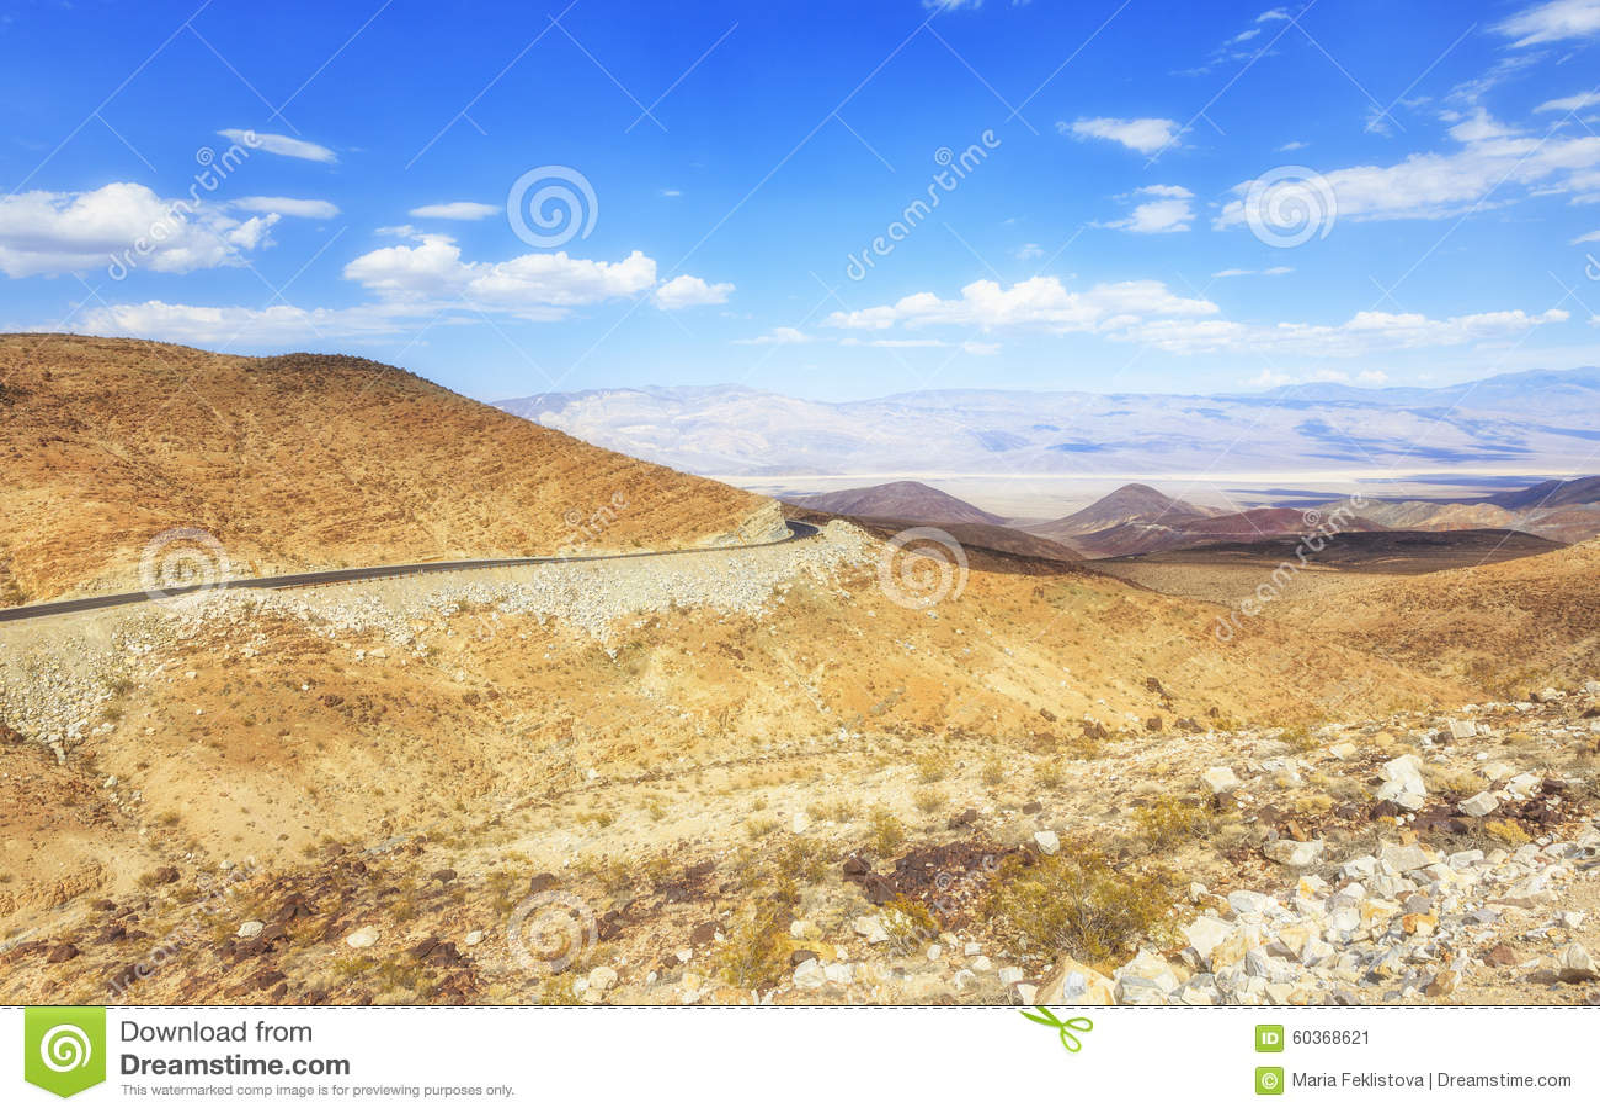 Verlassen Sie Ansicht der alten Spanisch-Hinterlandstraße, Nevada, USA